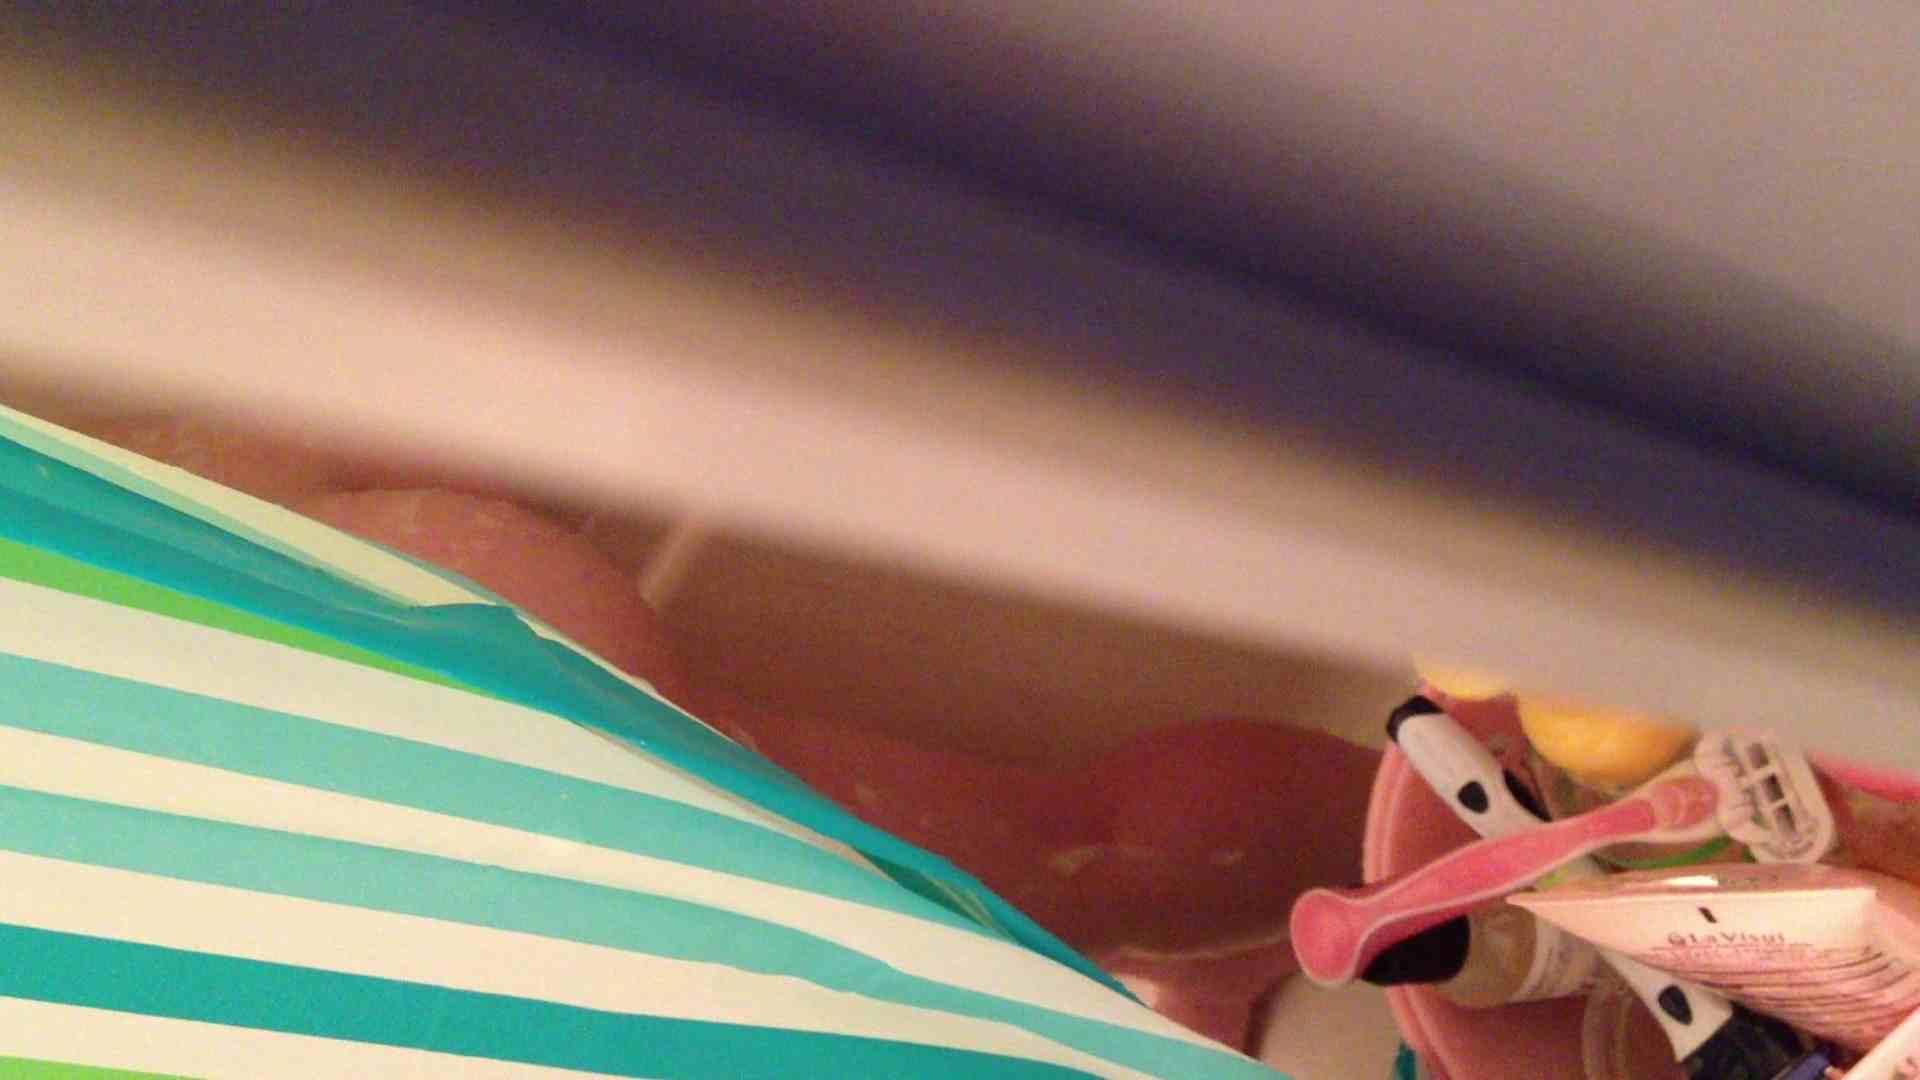 16(16日目)シャワー中にムダ毛処理をする彼女 シャワー 盗撮画像 94pic 35